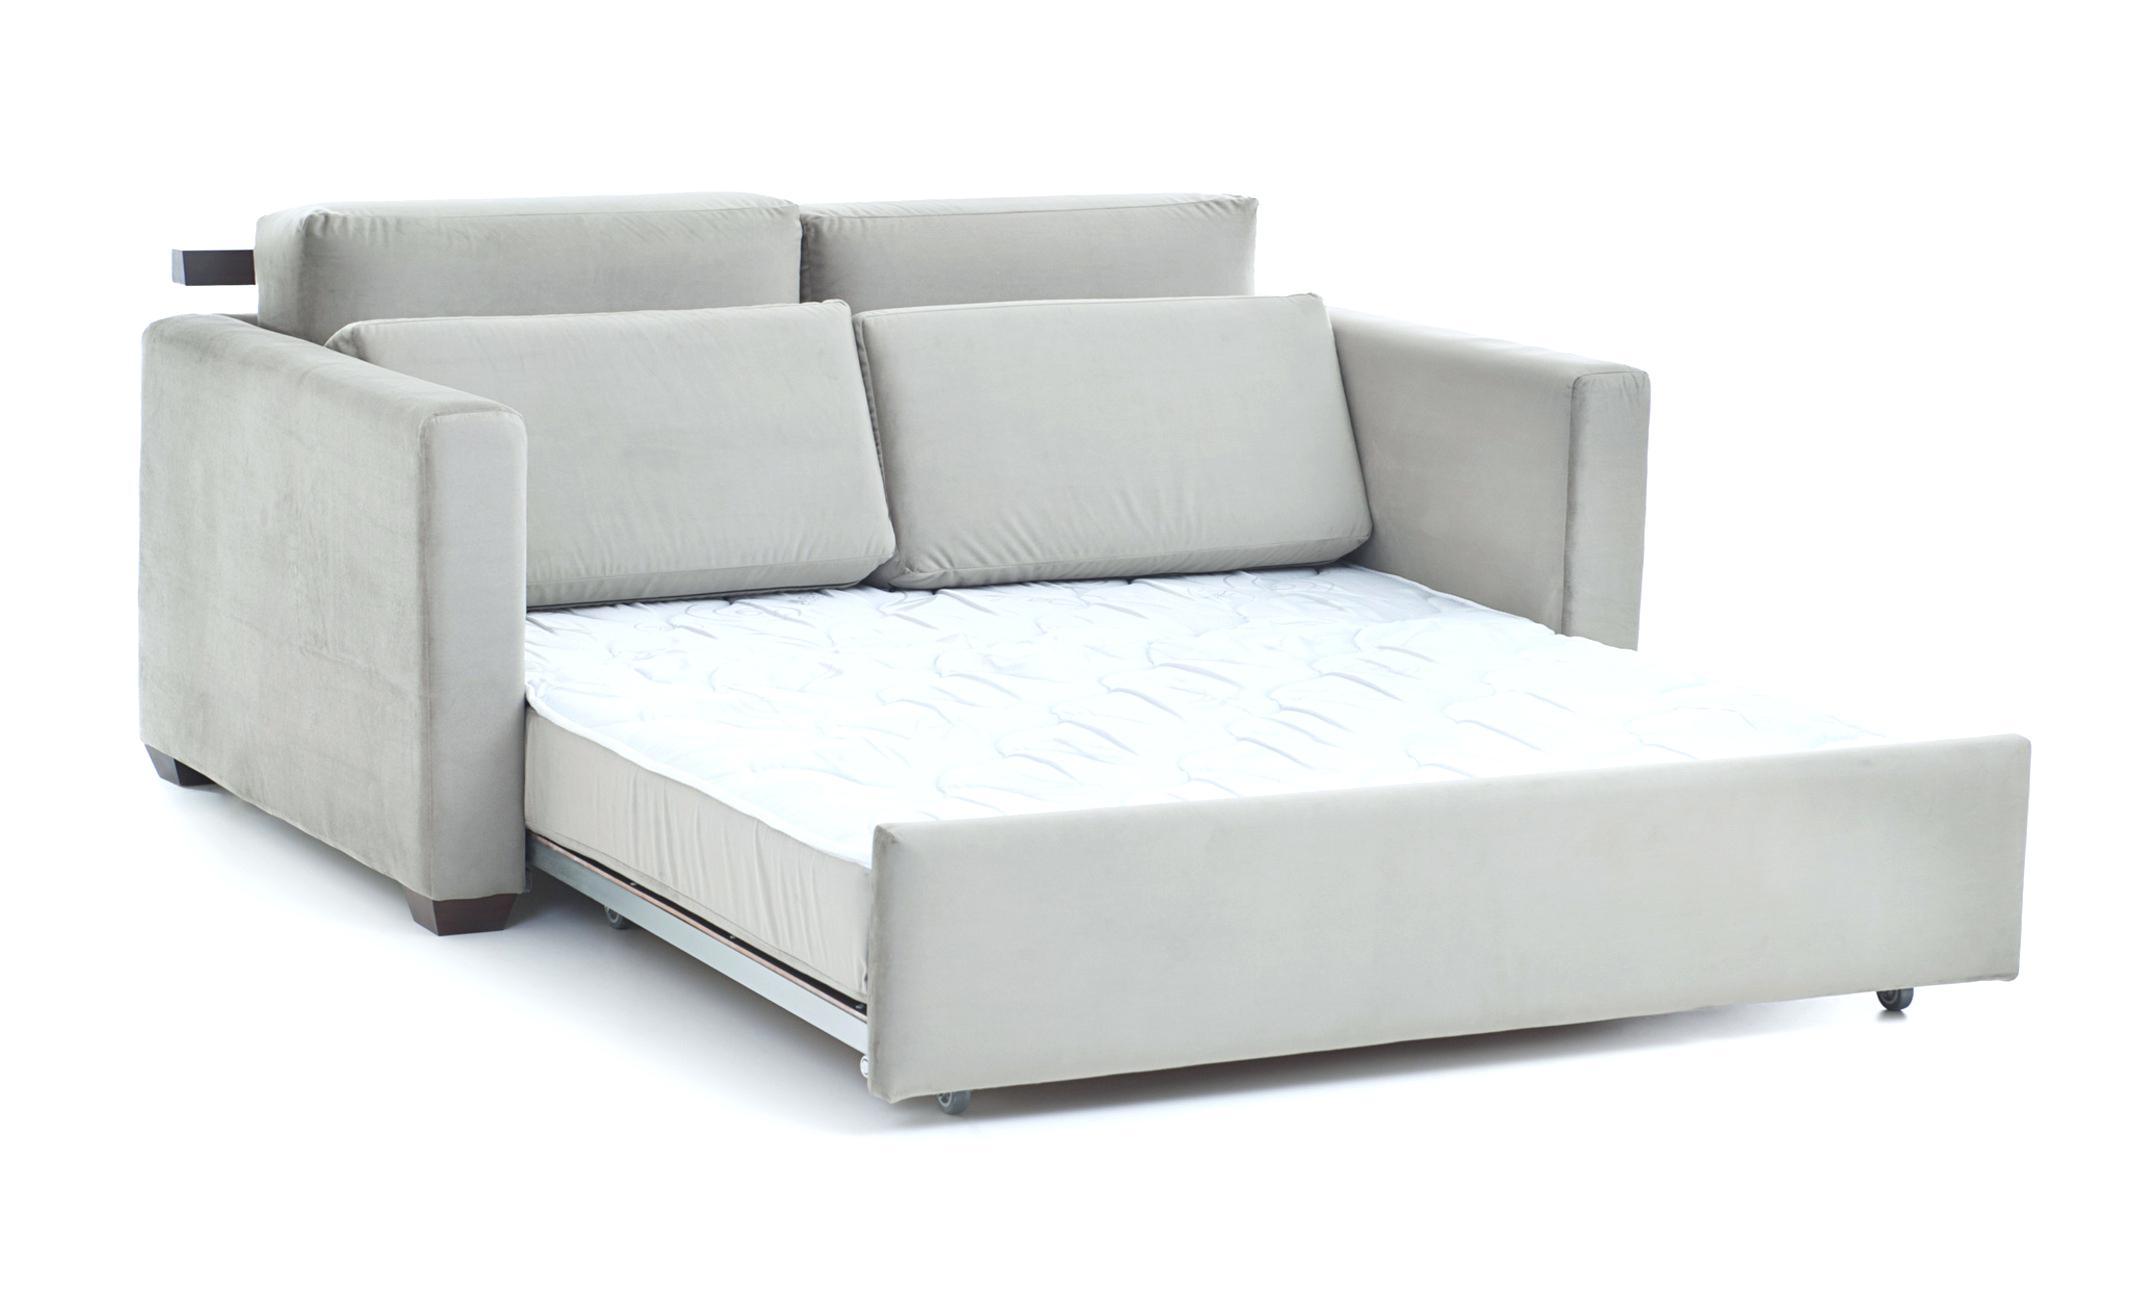 los sofá cama de matrimonio son perfectos para habitaciones de invitados y camas adicionales ocasionales